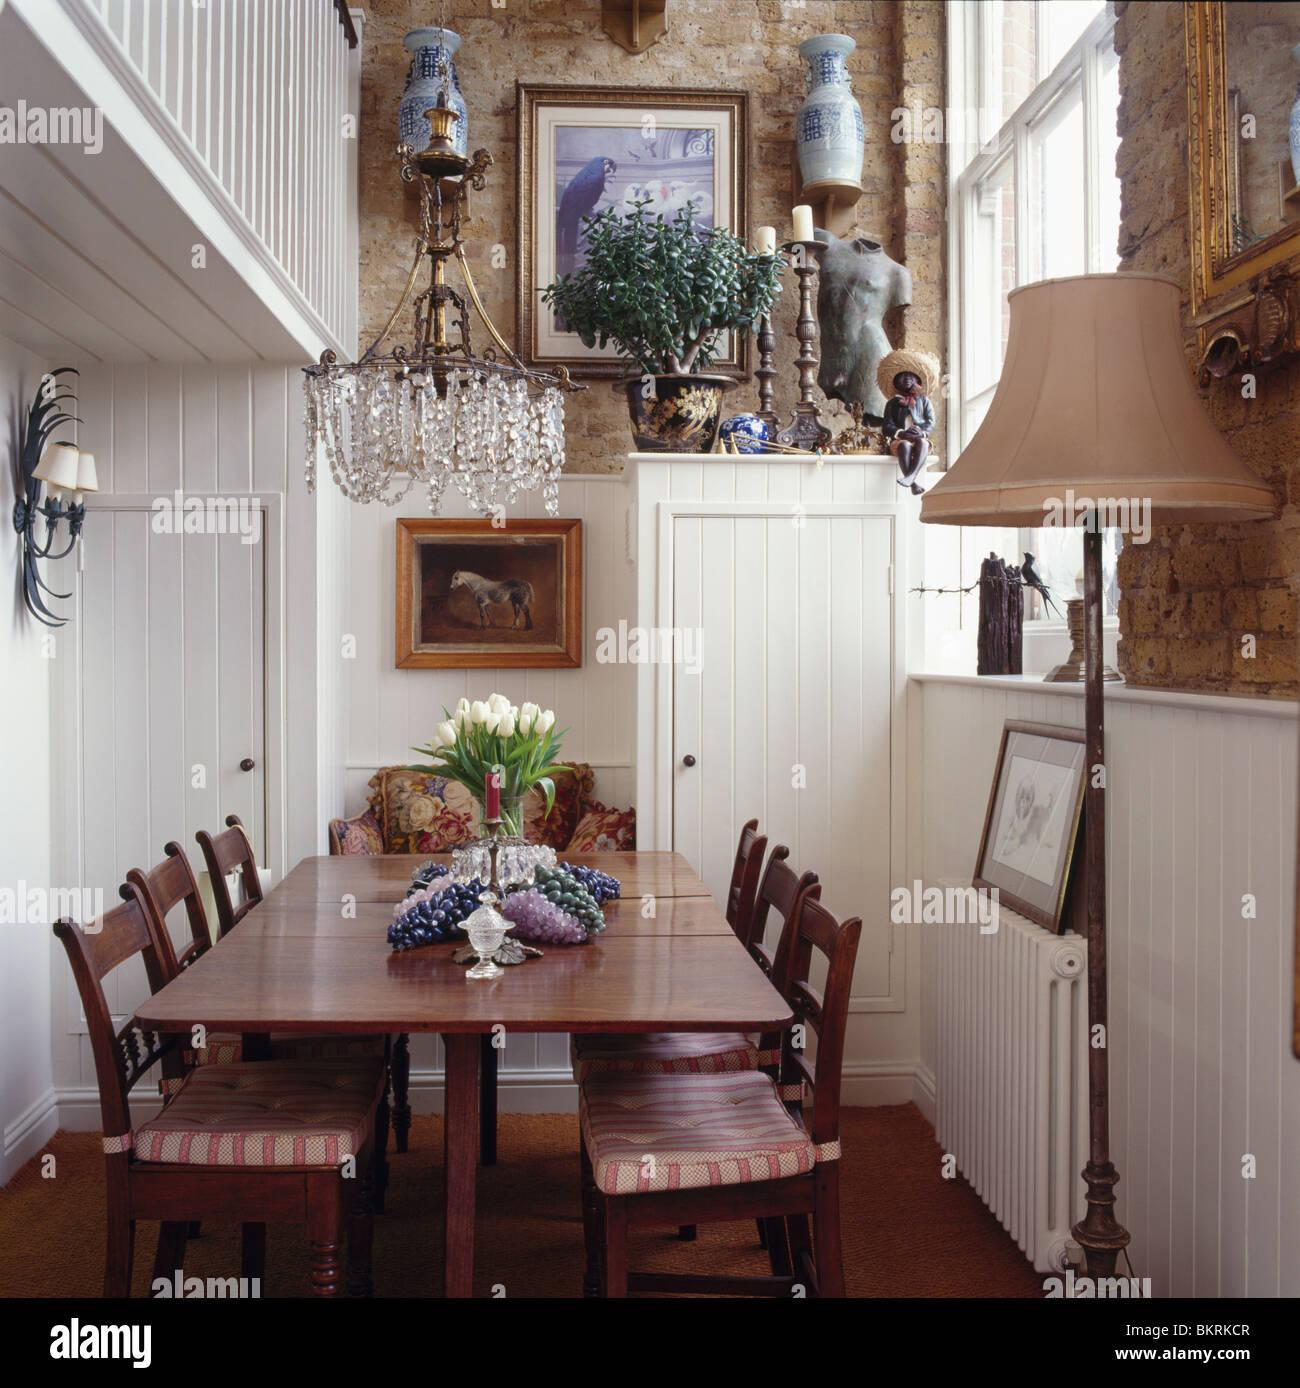 Kronleuchter über Antike Tisch Und Stühle Im Kleinen Weißen Getäfelten  Speisesaal In Doppelter Höhe